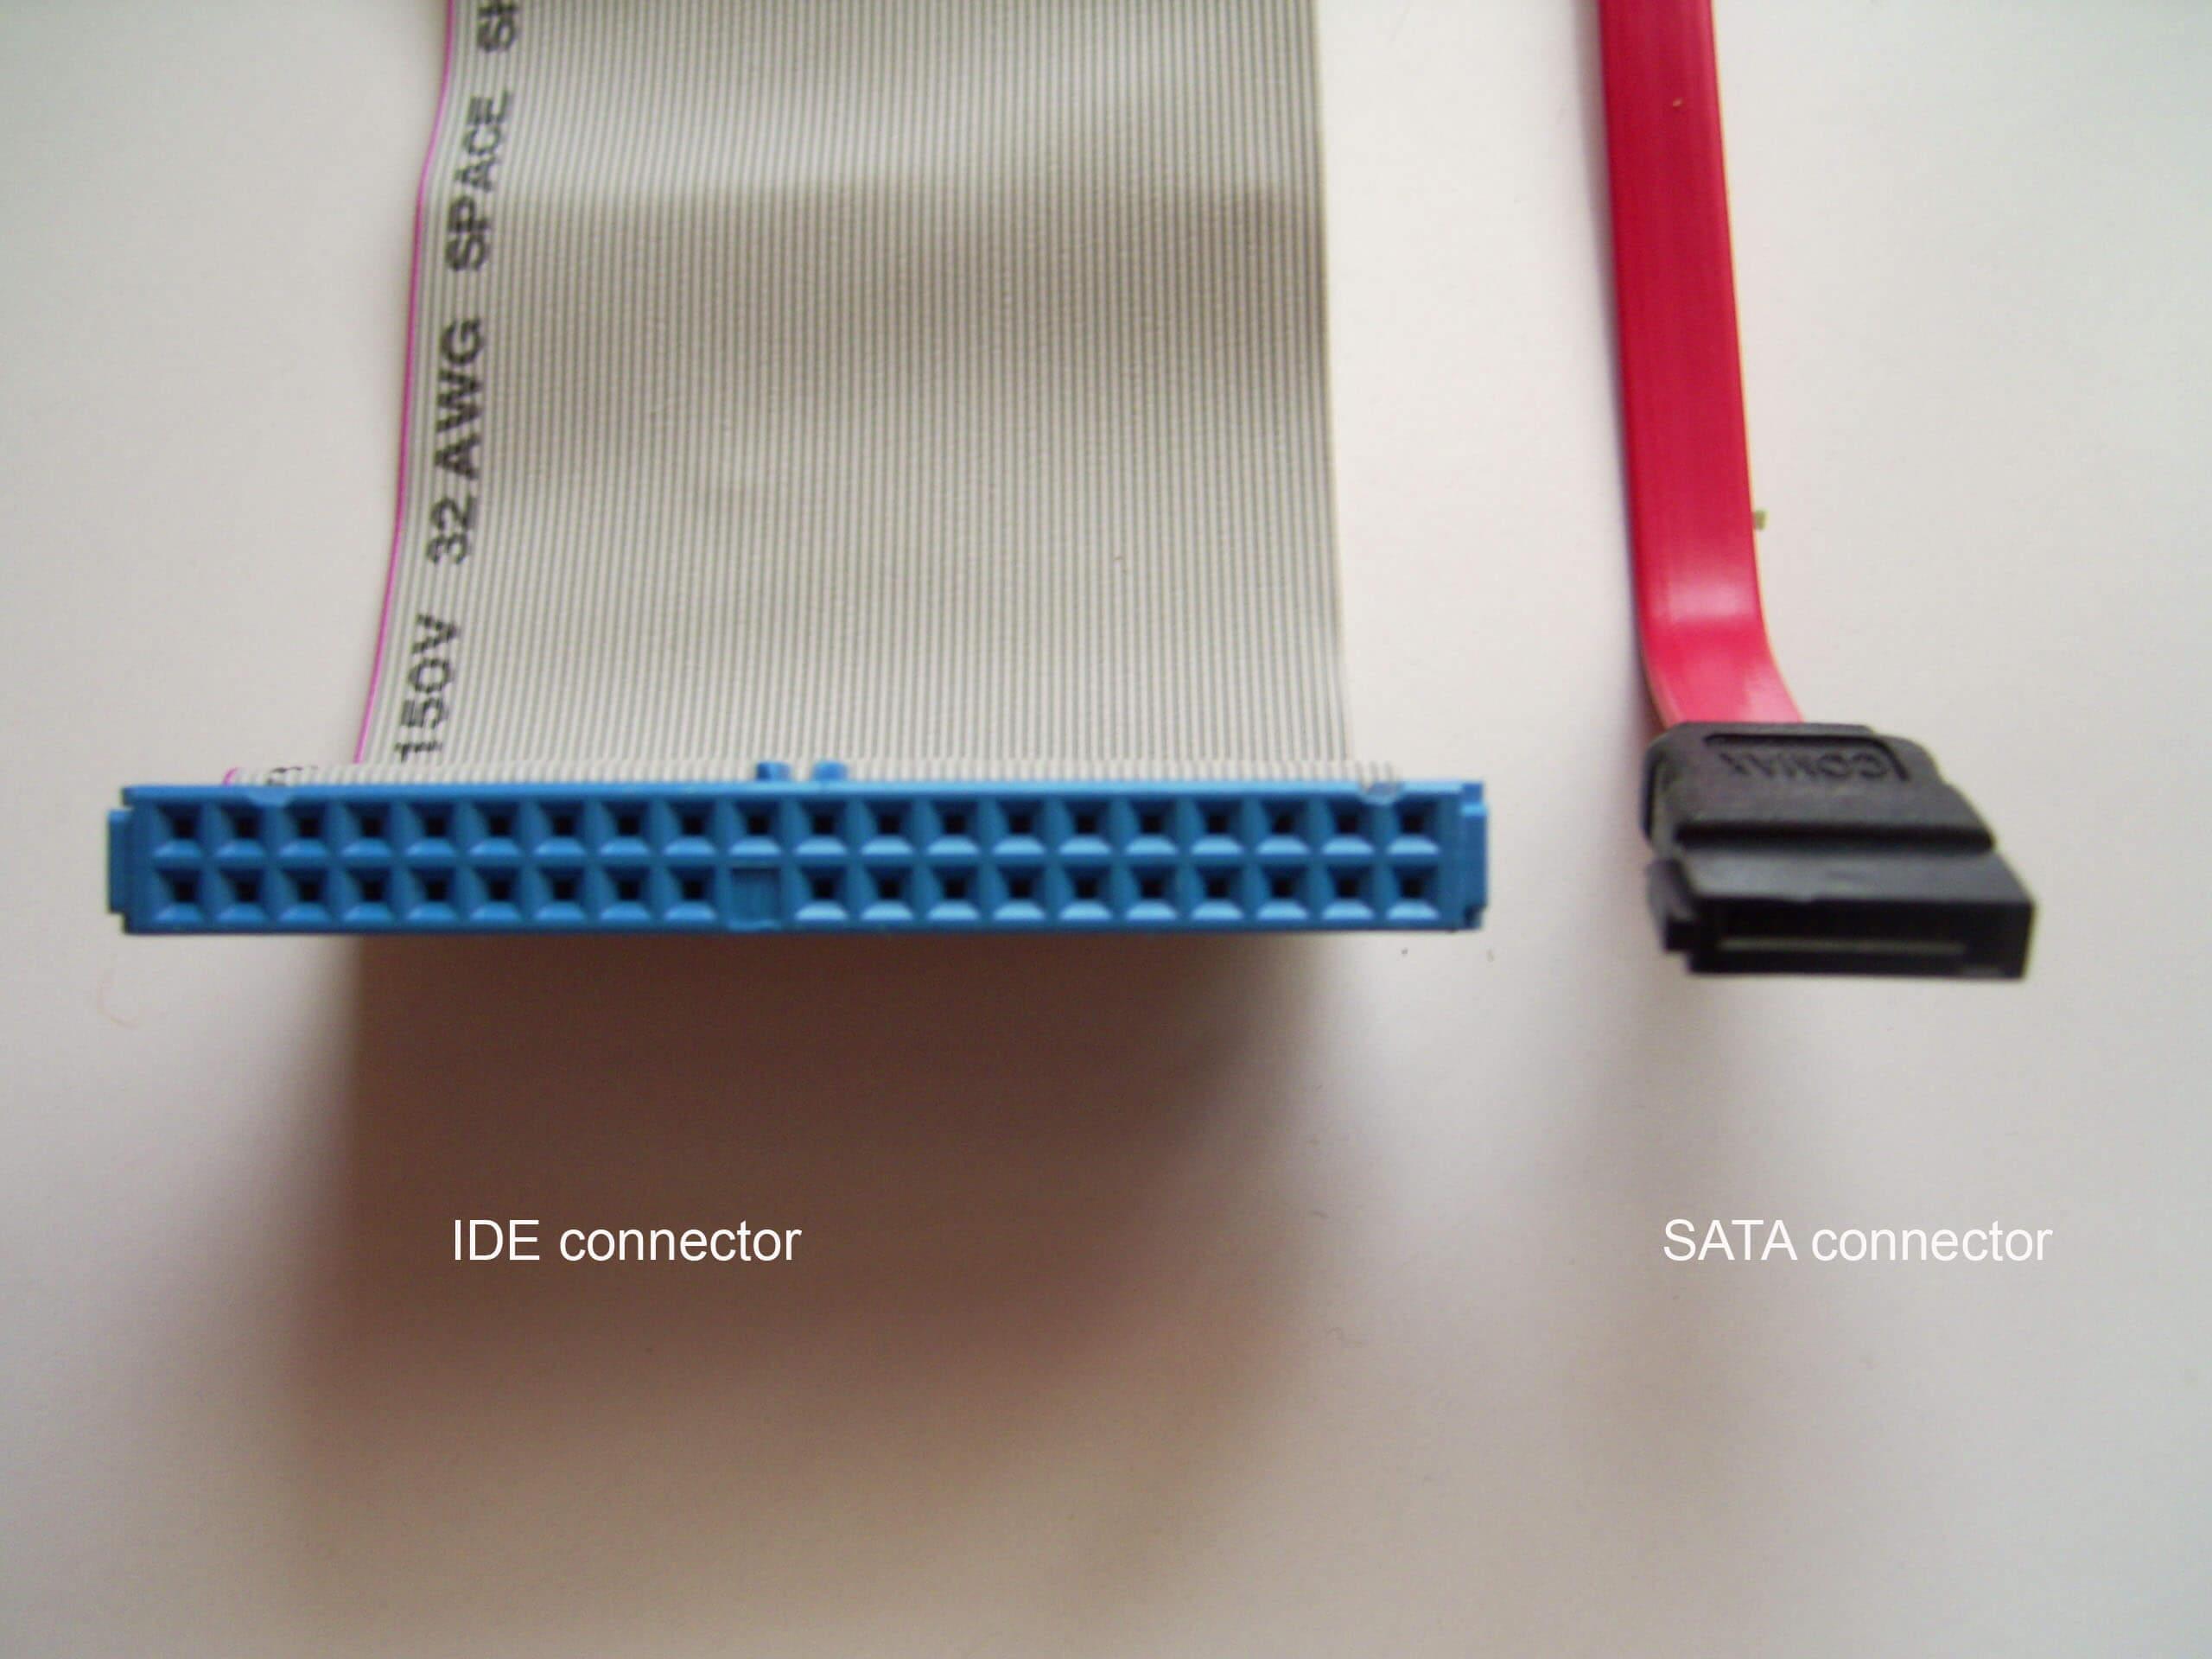 تصویر سمت راست کابل Sata و تصویر سمت چپ یک کابل IDE را نمایش میدهد، از این کابل ها برای اتصال هارد دیسک (حافظه) یا درایو سی دی و دی وی دی به ماد برد استفاده میشود .